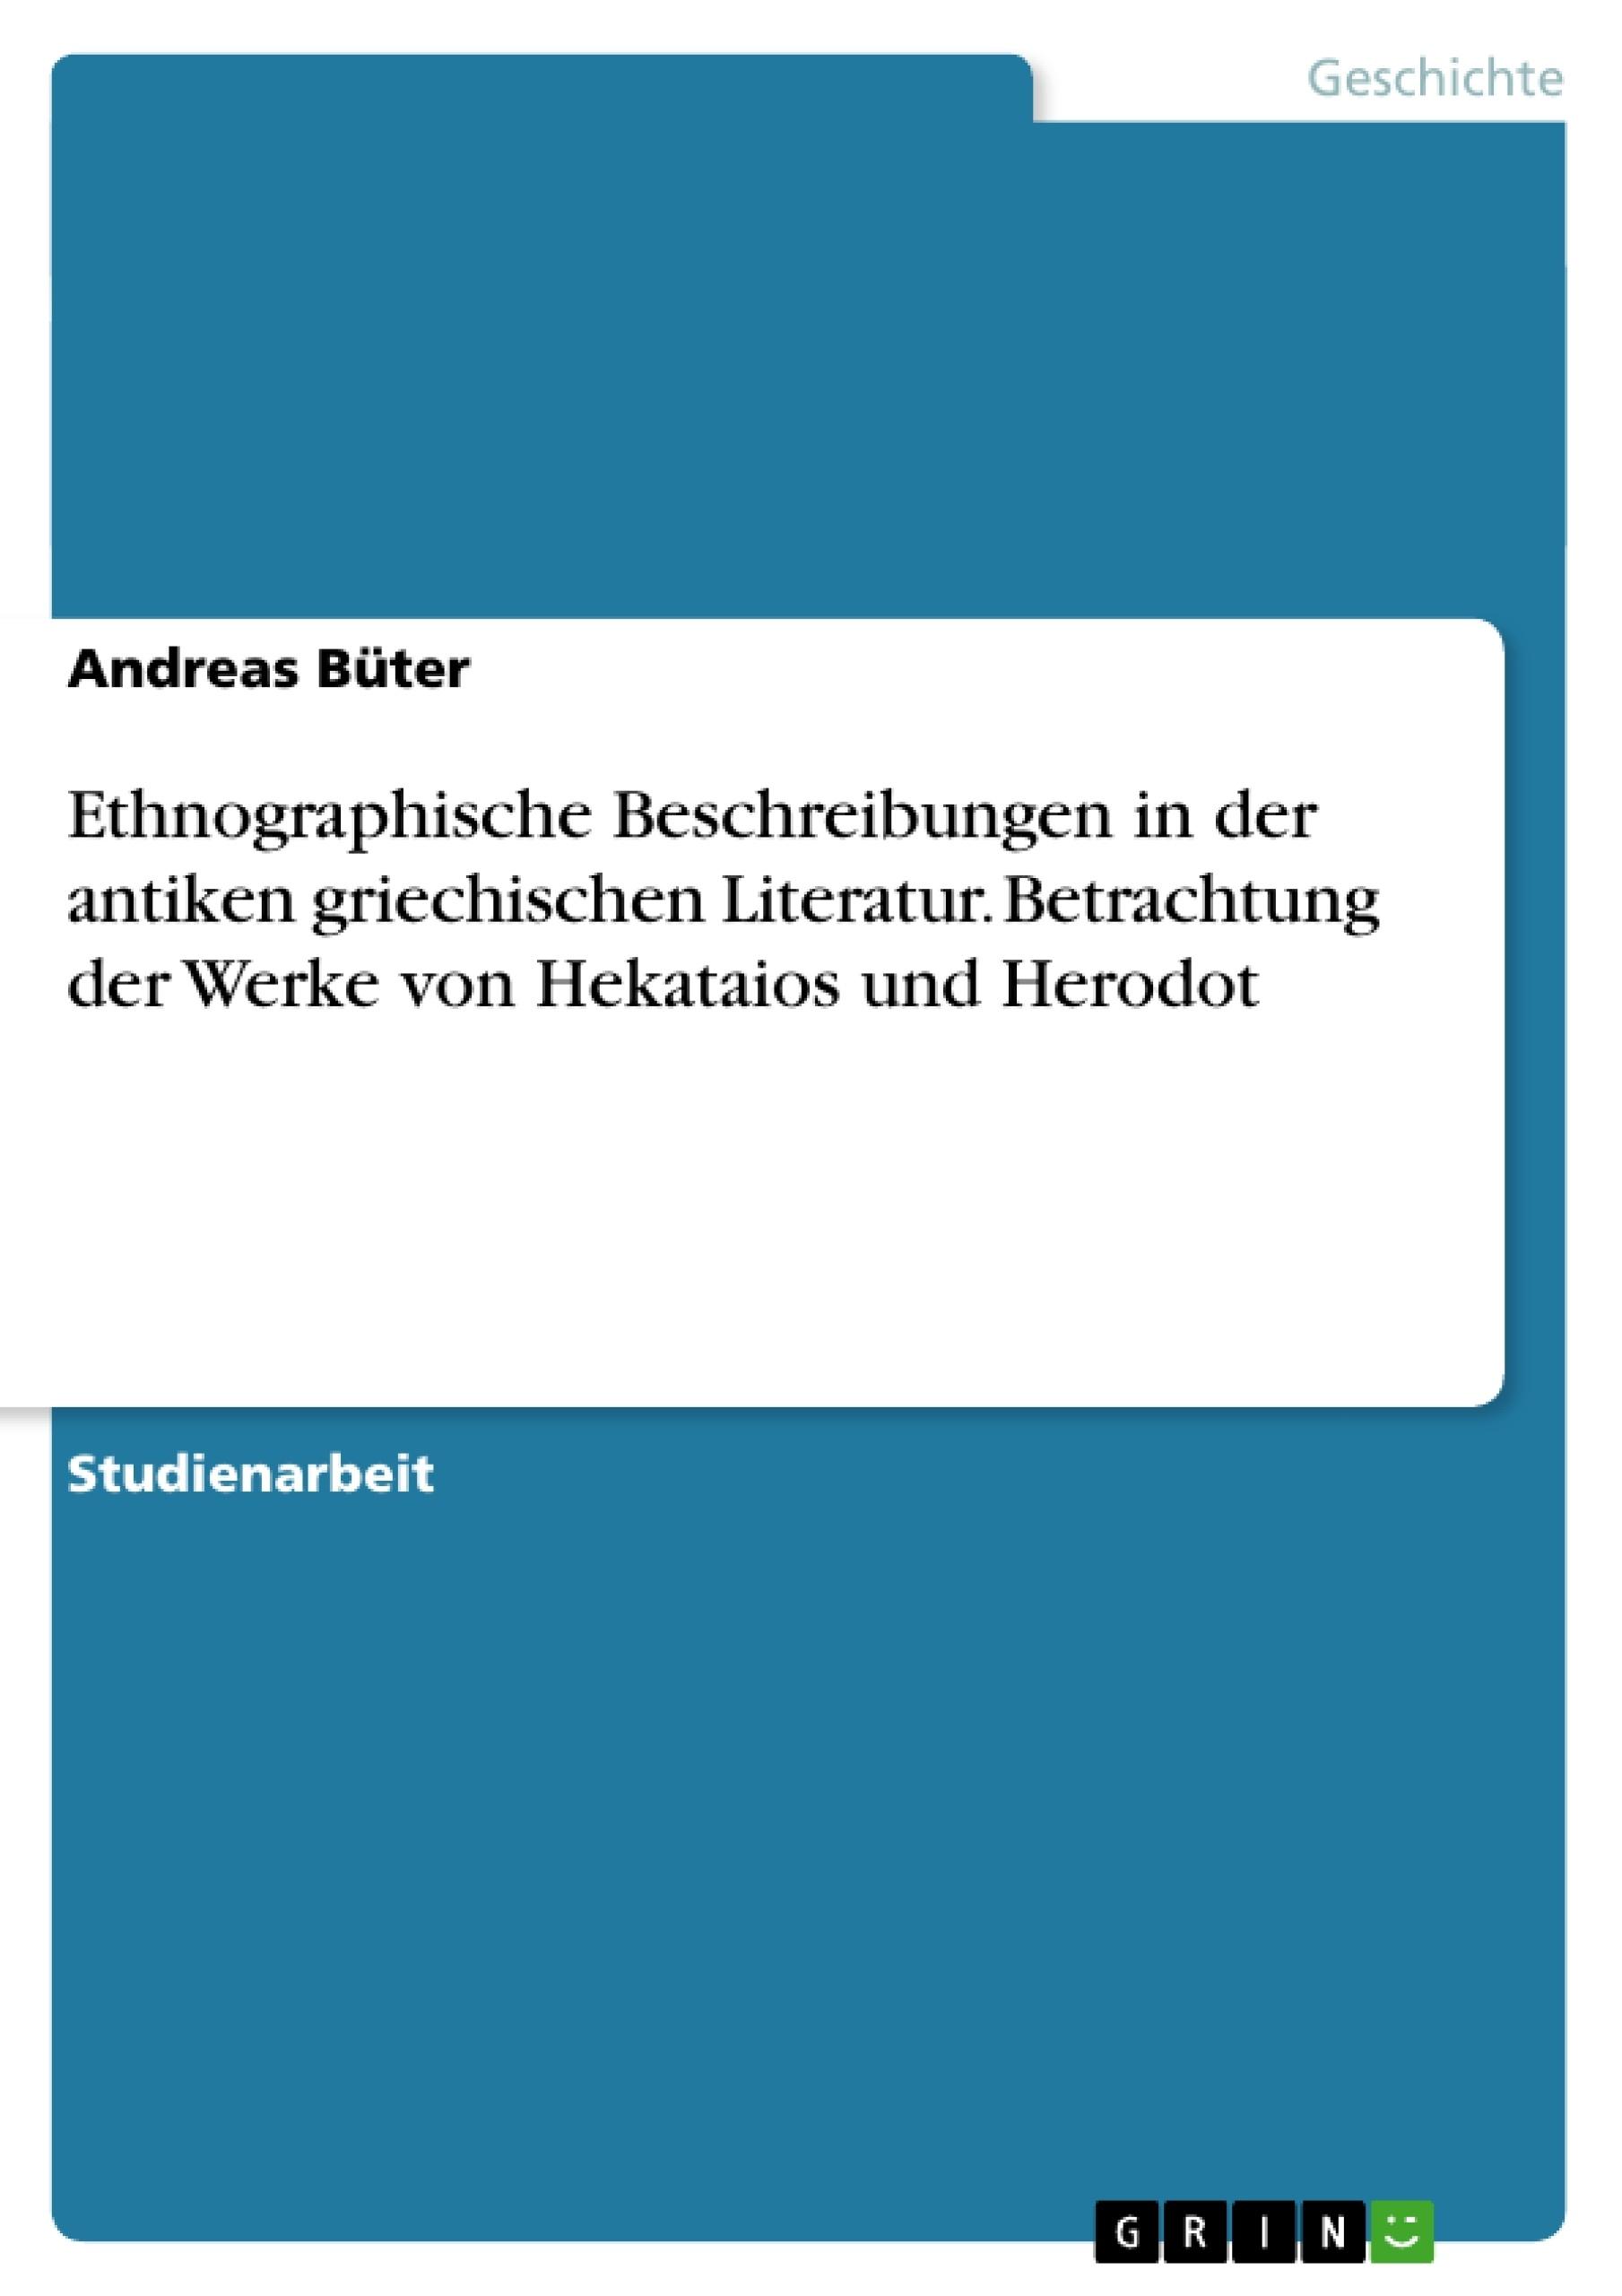 Titel: Ethnographische Beschreibungen in der antiken griechischen Literatur. Betrachtung der Werke von Hekataios und Herodot